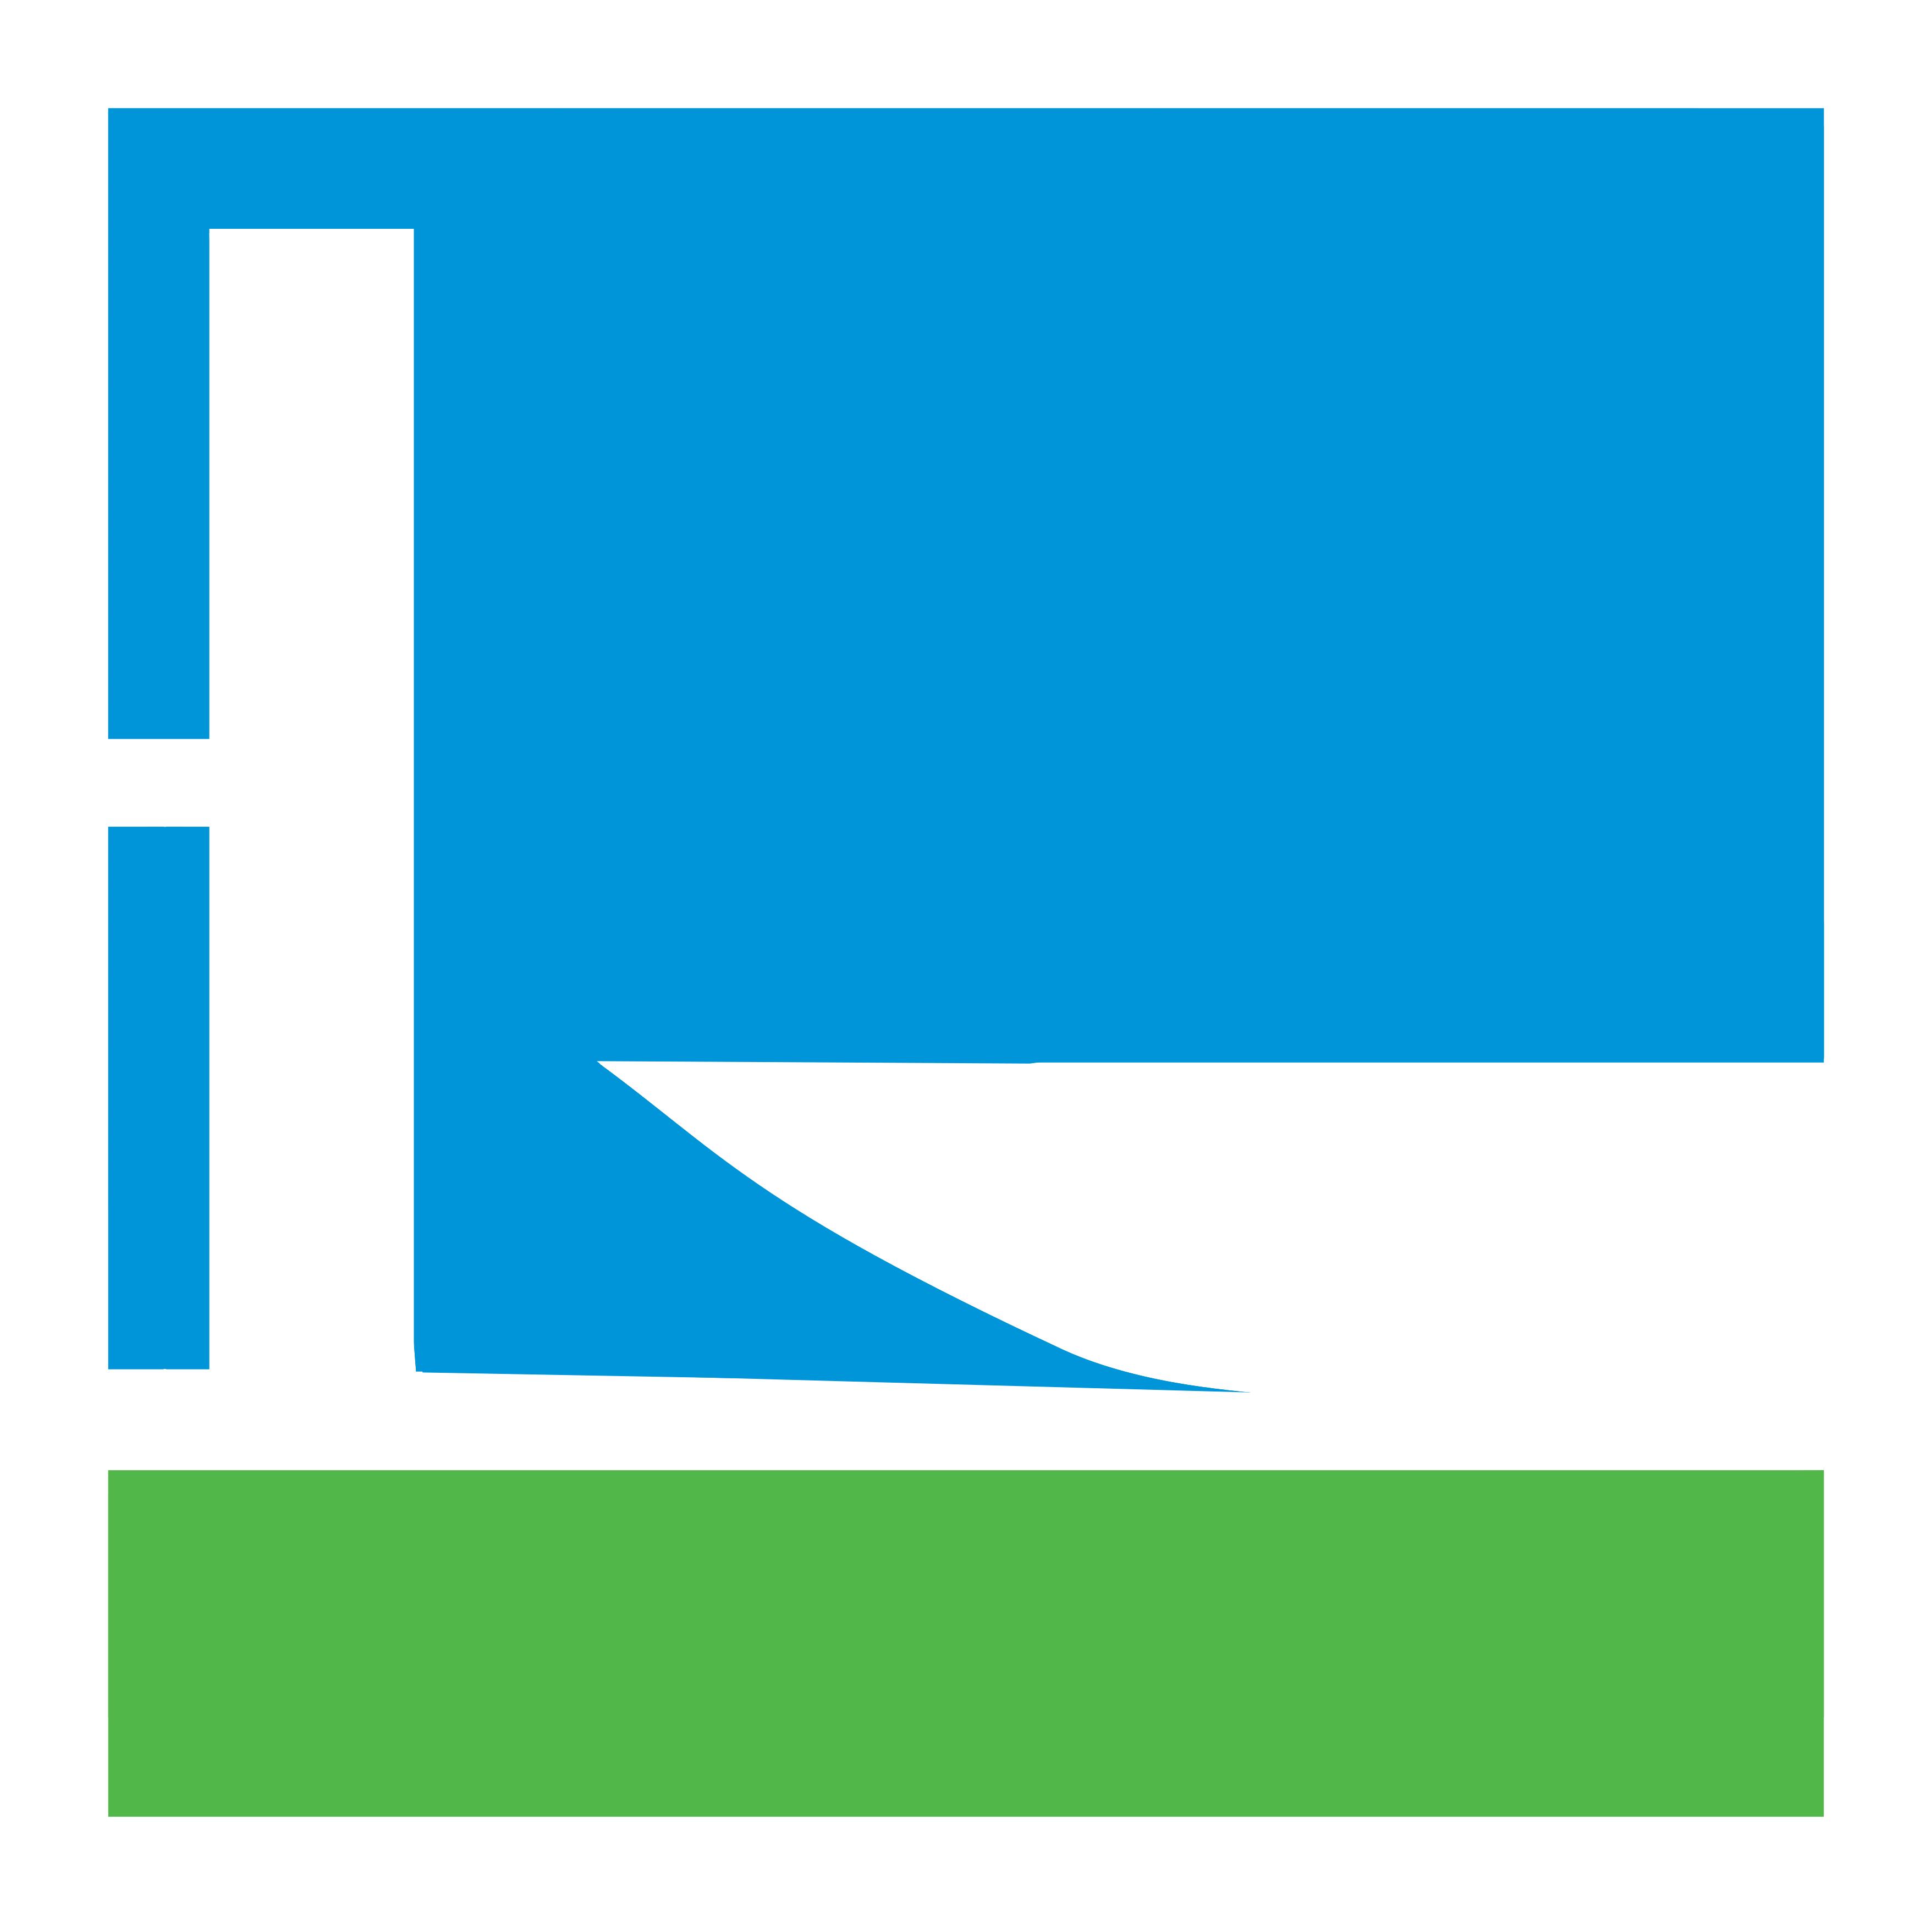 camara dos deputados logo 1 - Câmara dos Deputados Logo - Brasil